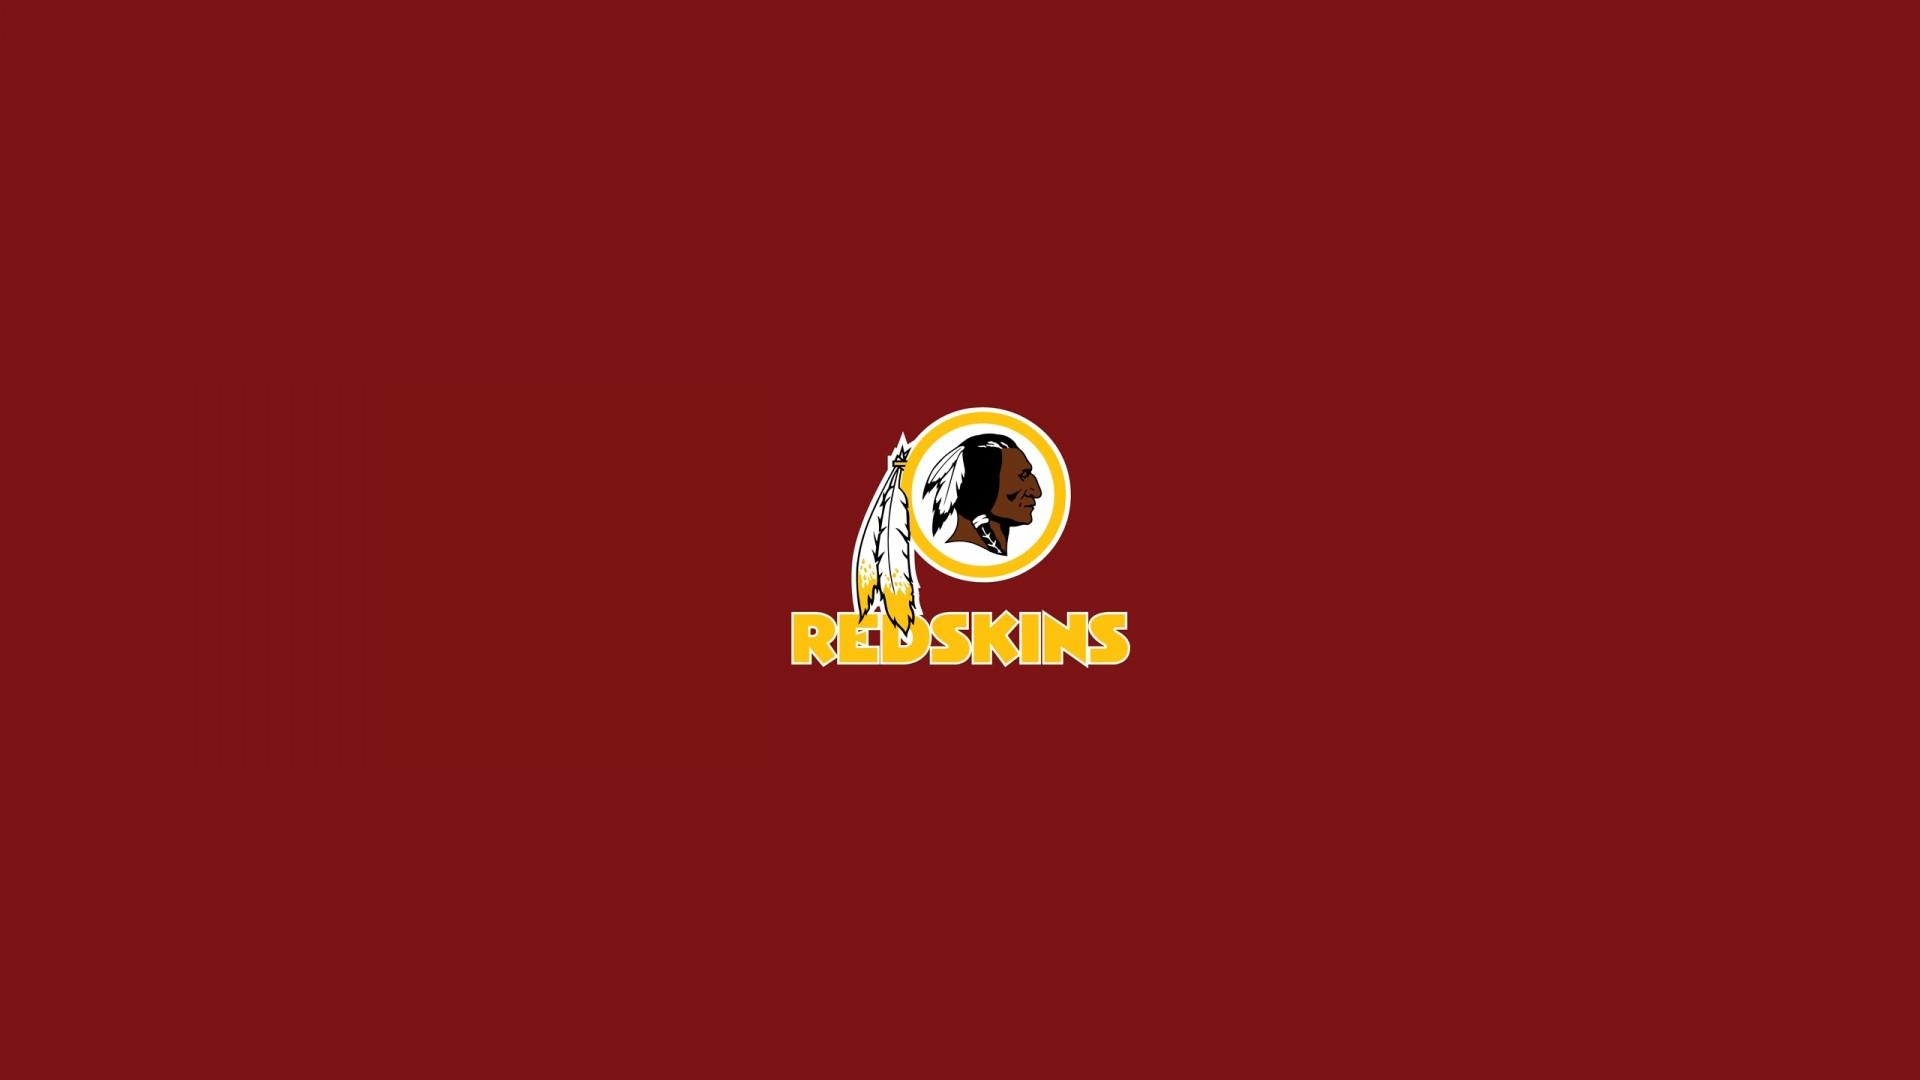 Redskins Desktop wallpaper